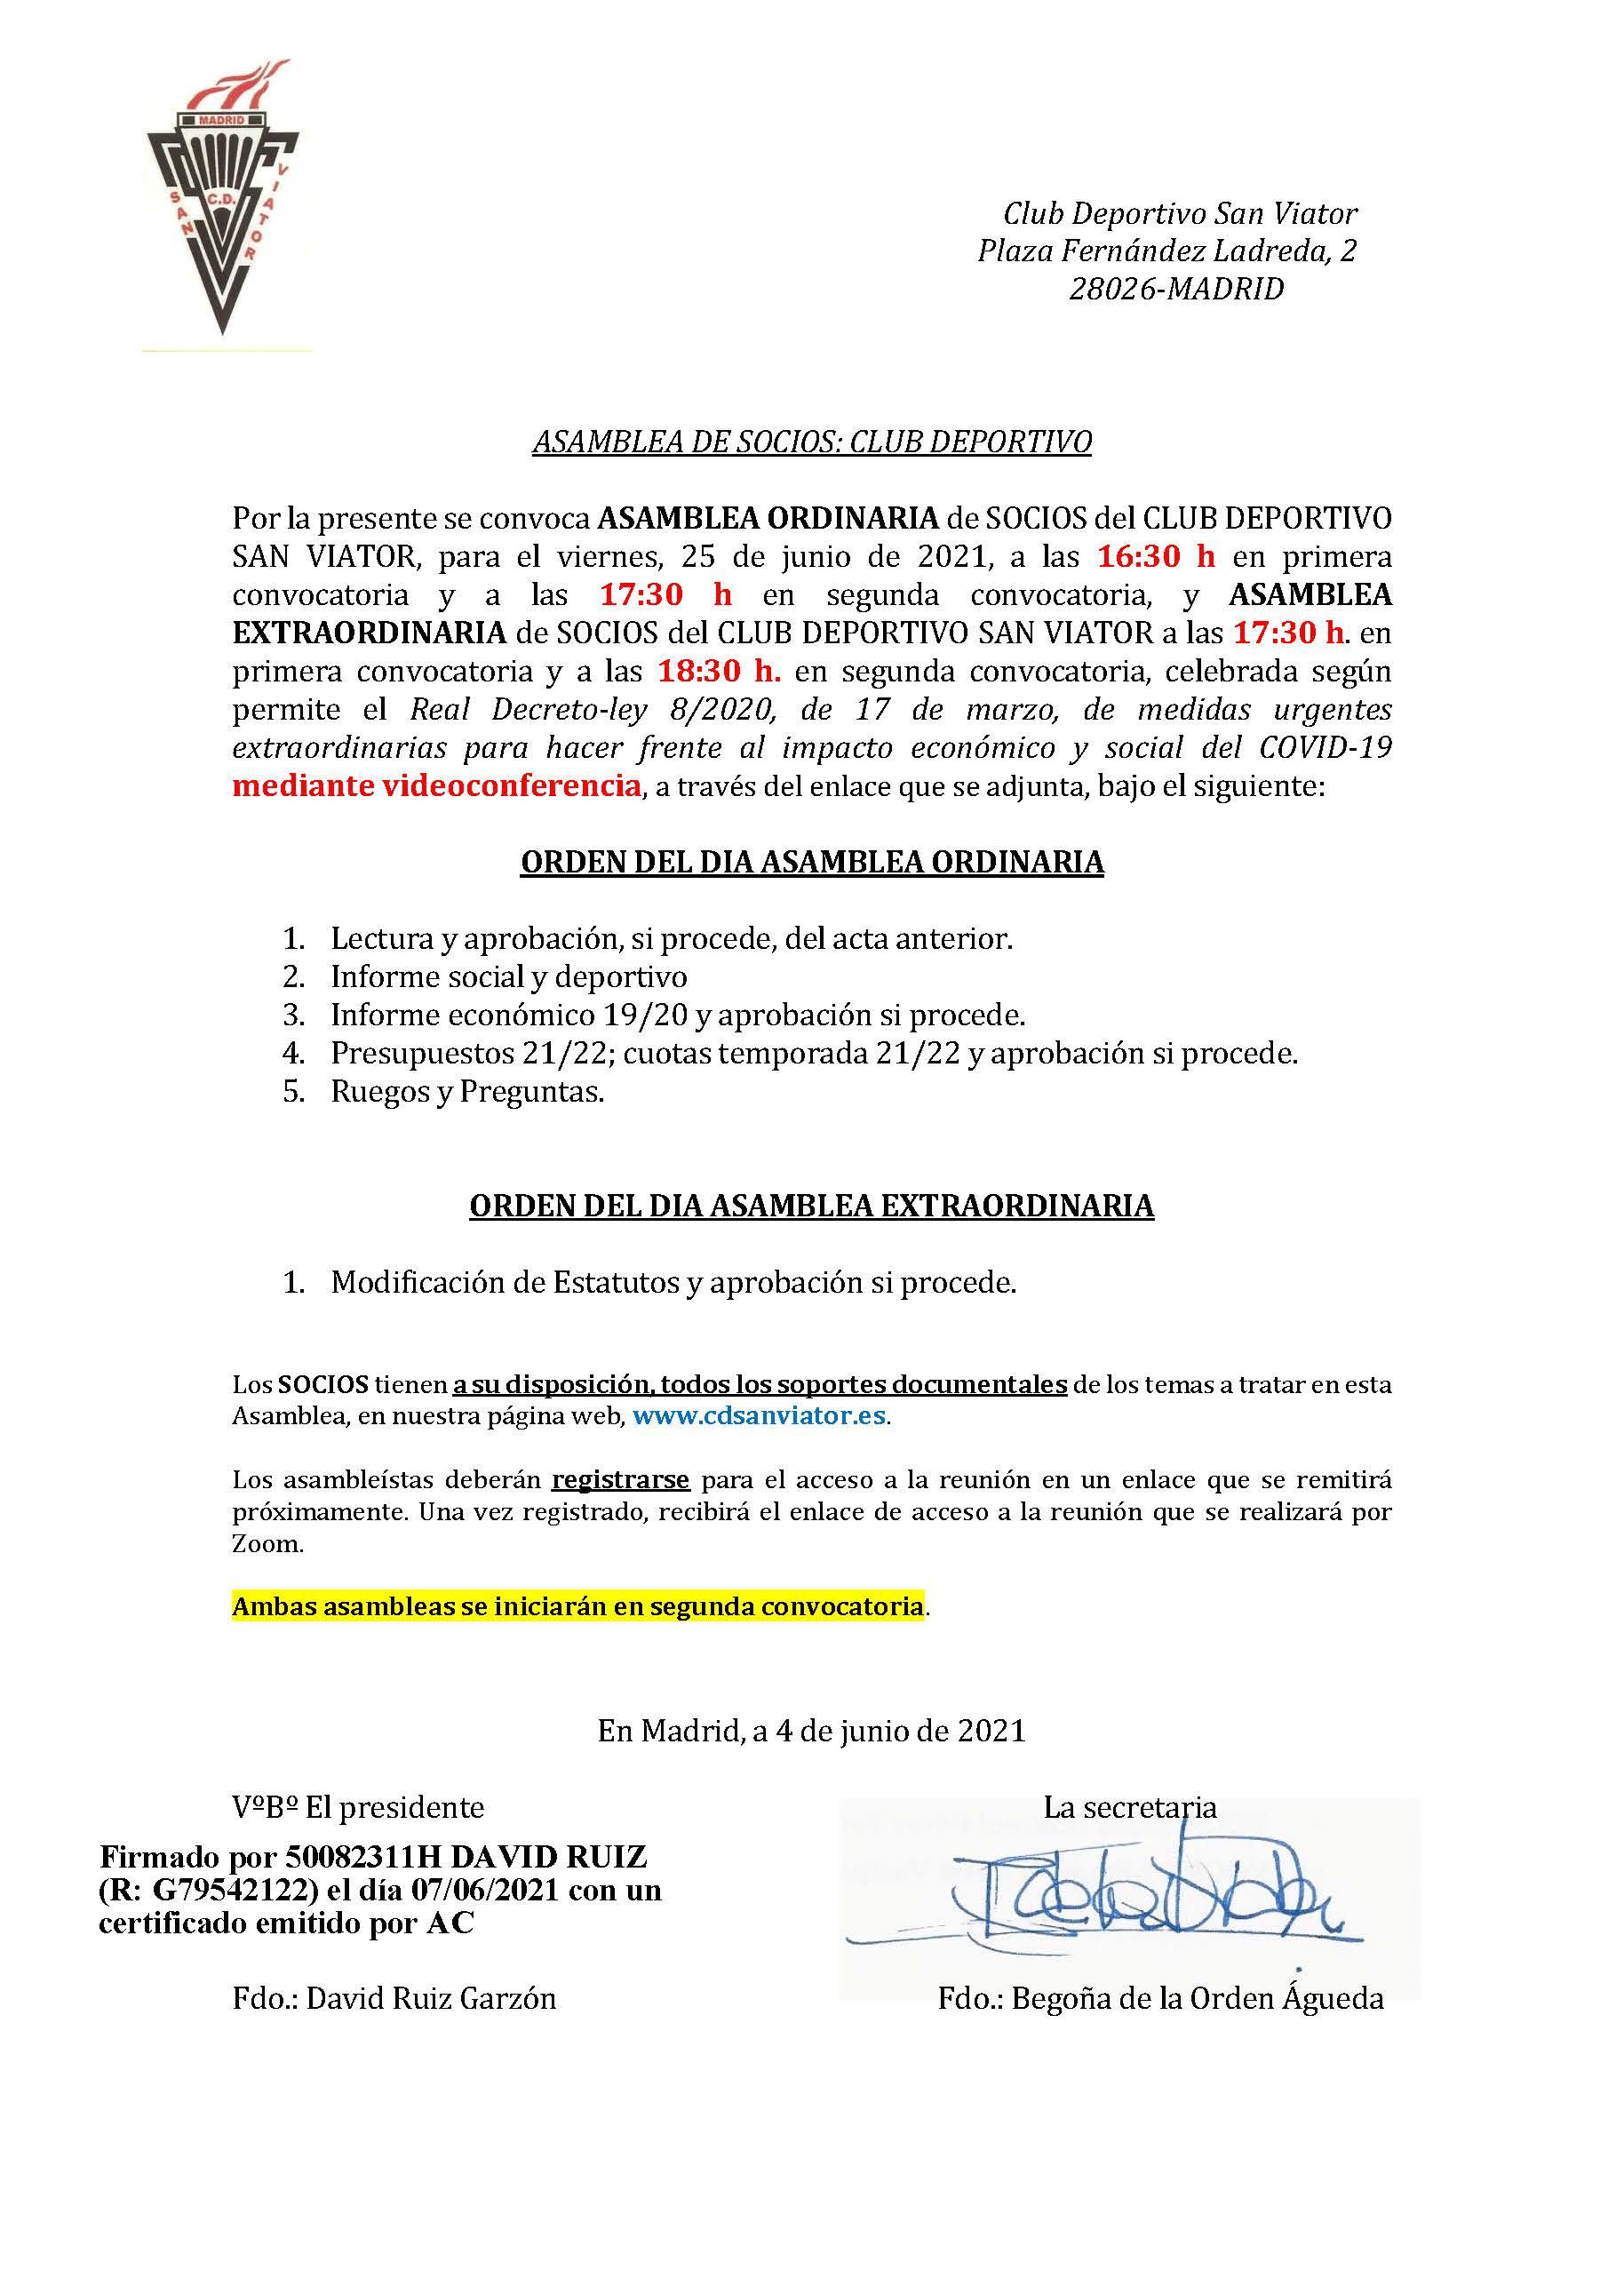 ASAMBLEA DE SOCIOS 2021